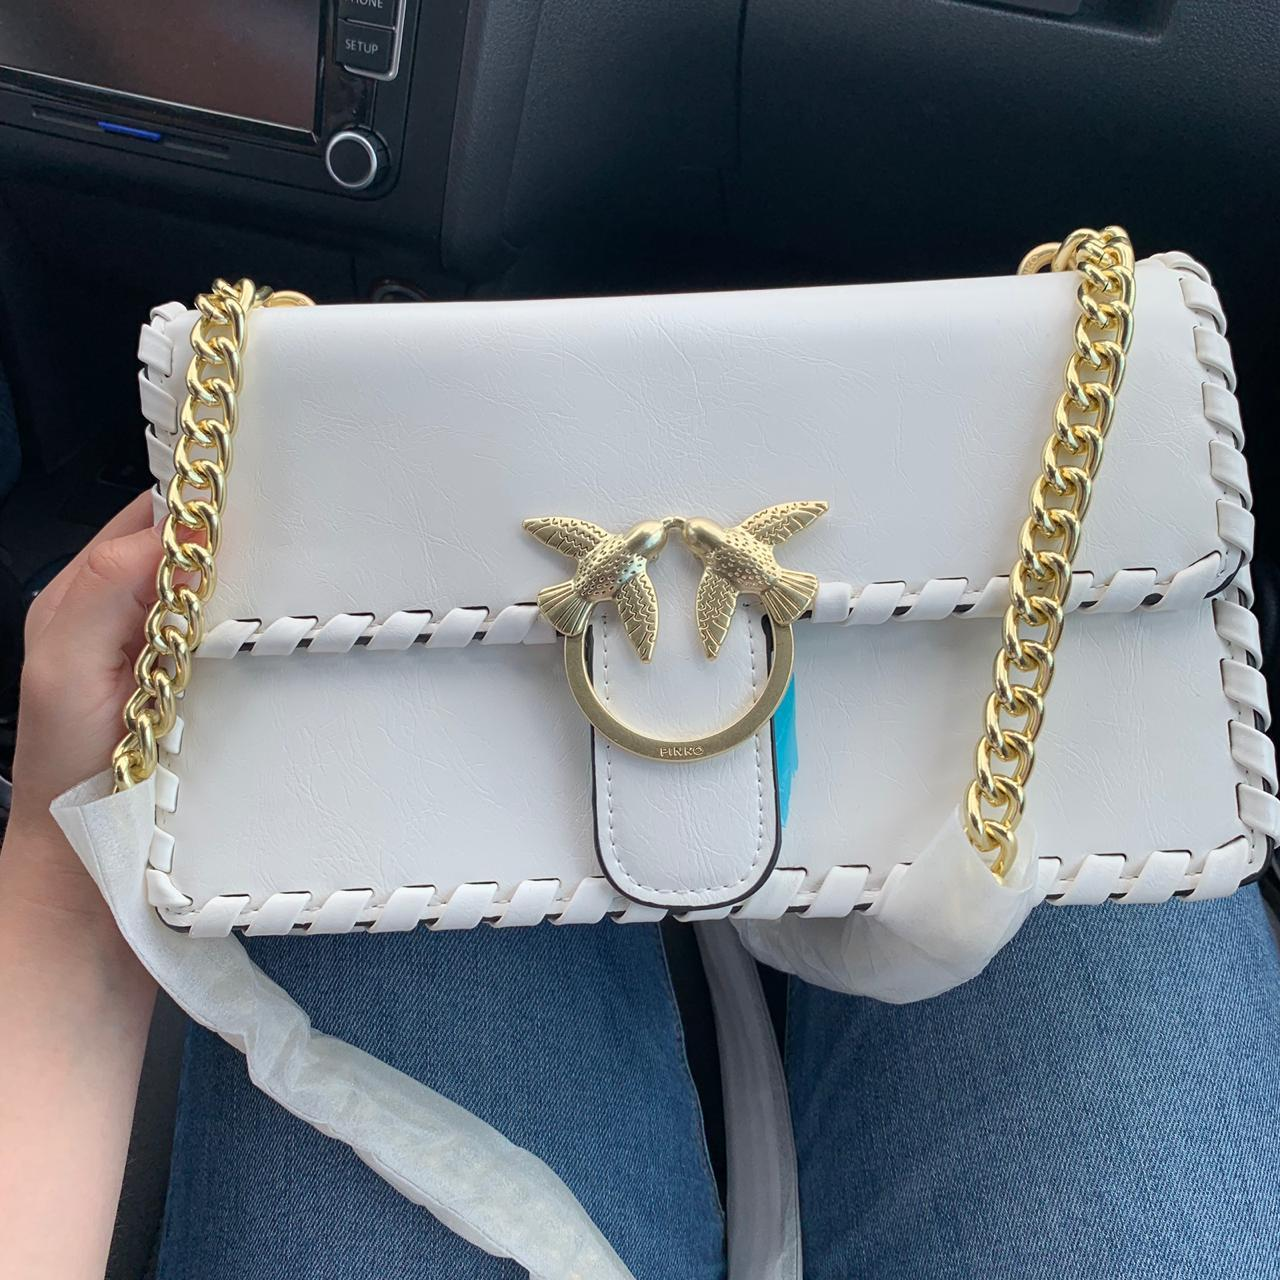 Женская сумка Pinko (Пинко) Luxe, белая с золотом